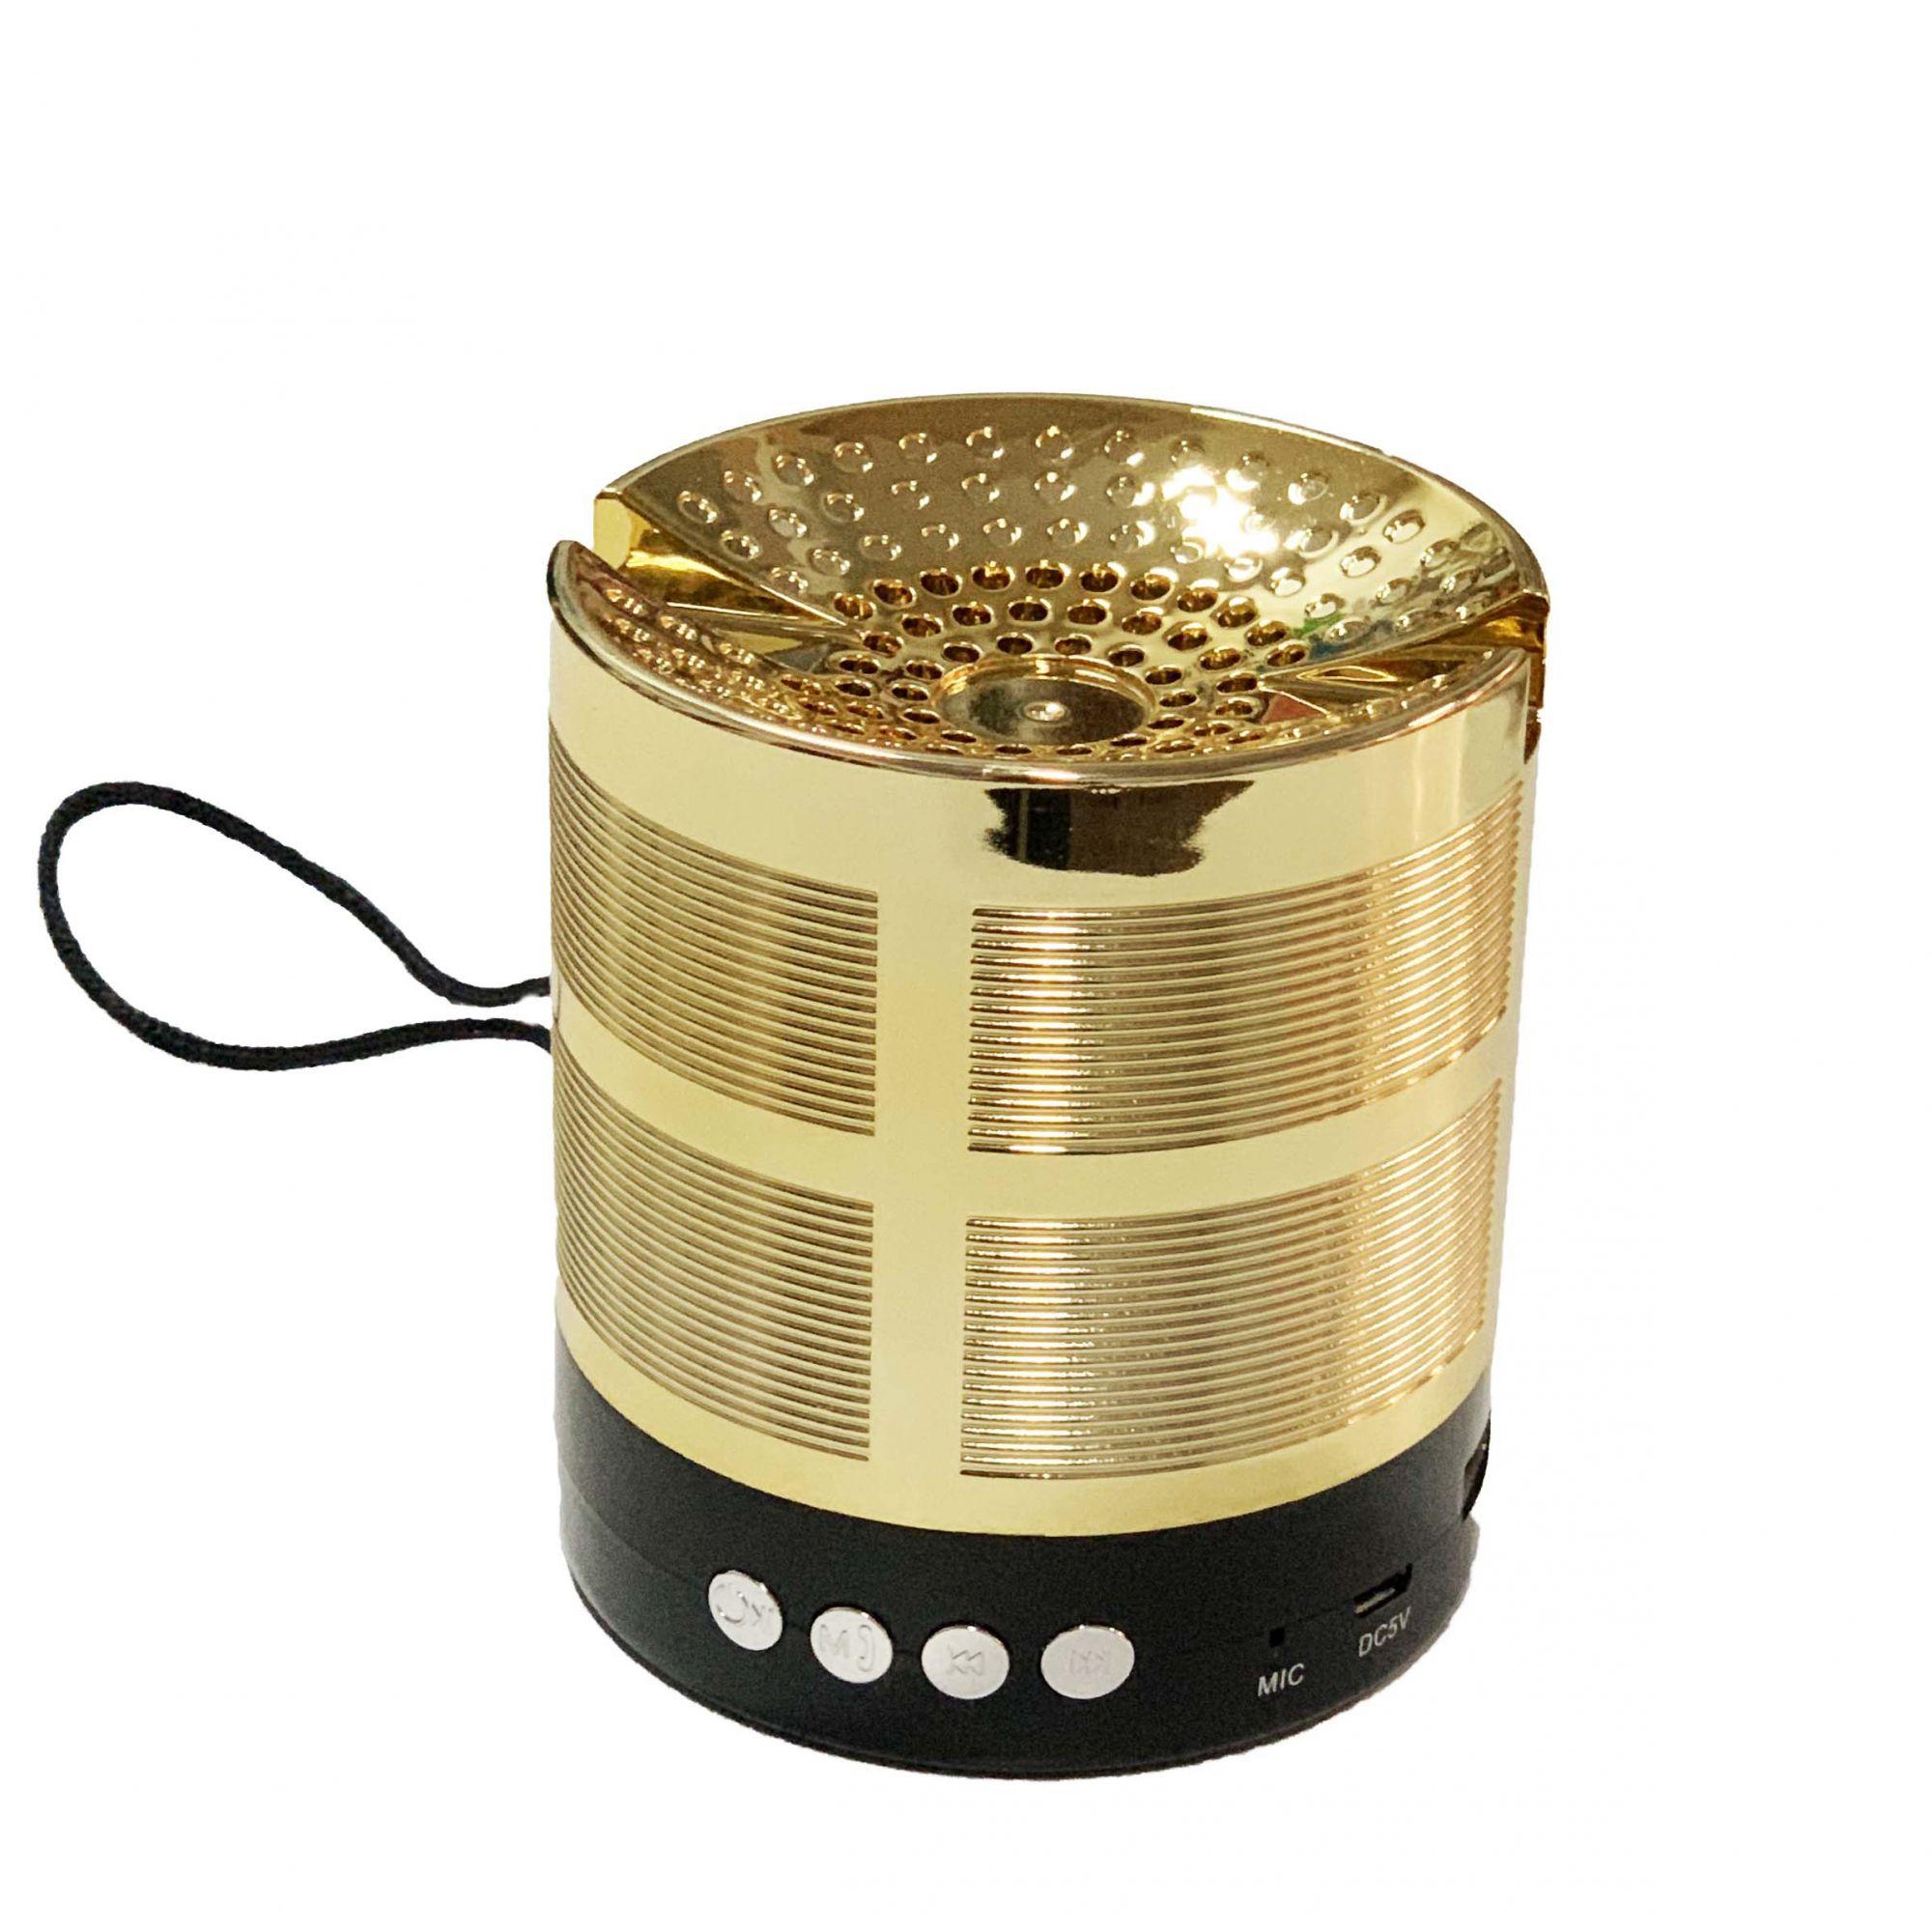 Caixa de som Bluetooth RAD-B5337 - INOVA